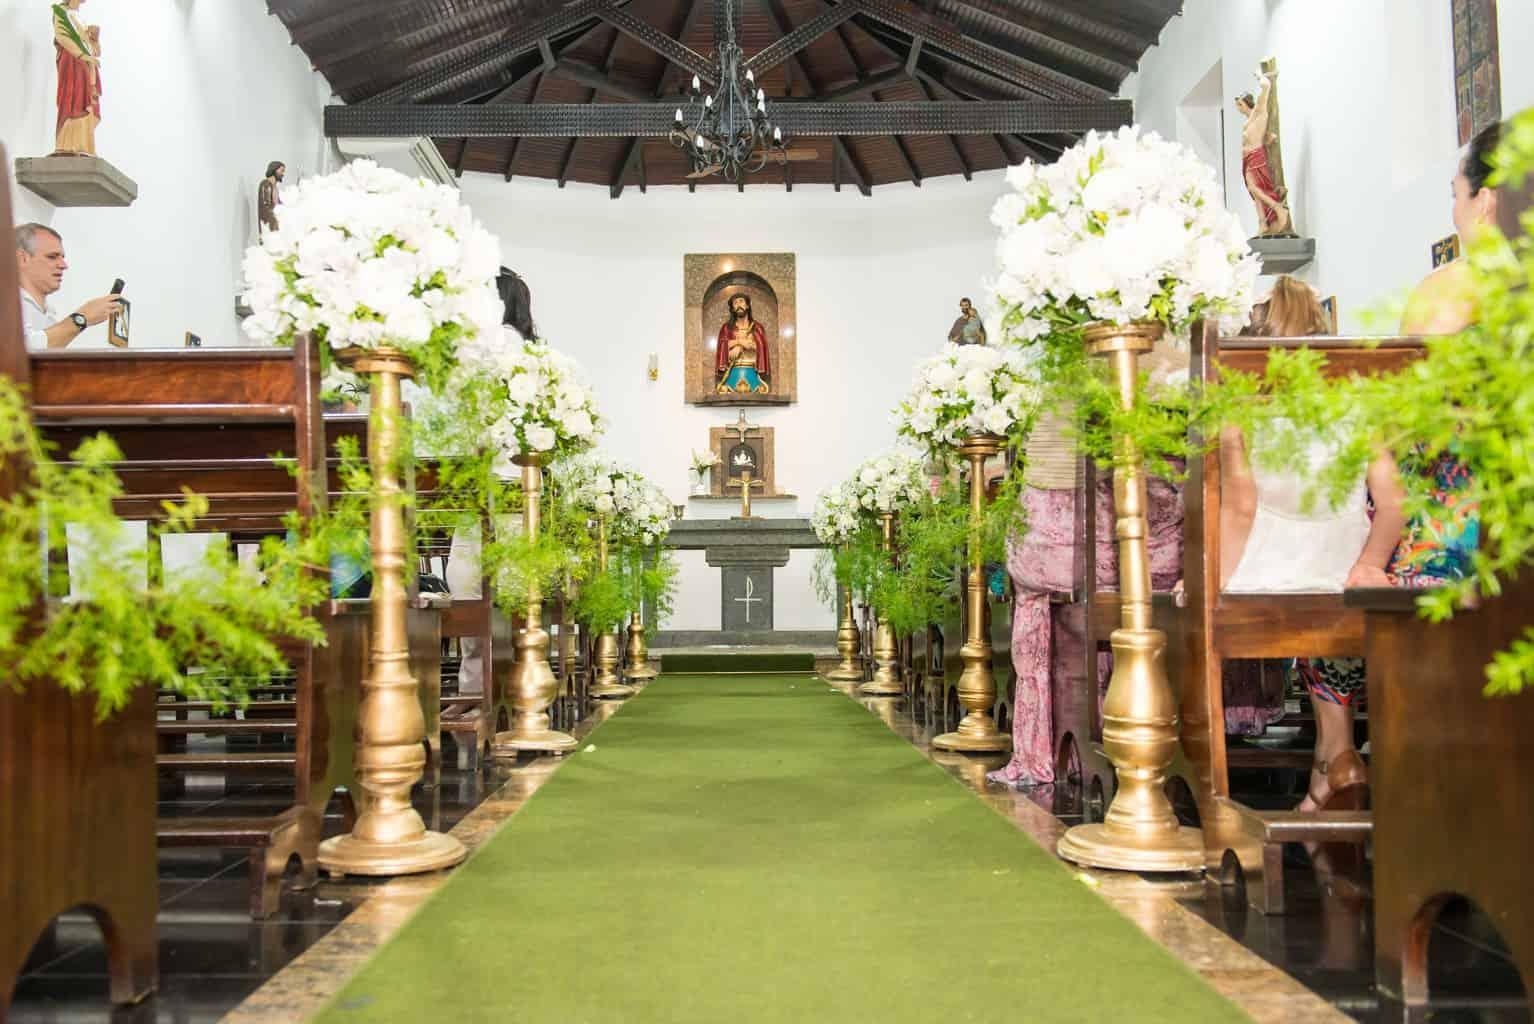 Capela-Santo-Cristo-dos-Milagres-casamento-religioso-Casamento-Roberta-e-Angelo-cerimonia-na-igreja-Danielle-Loureiro1